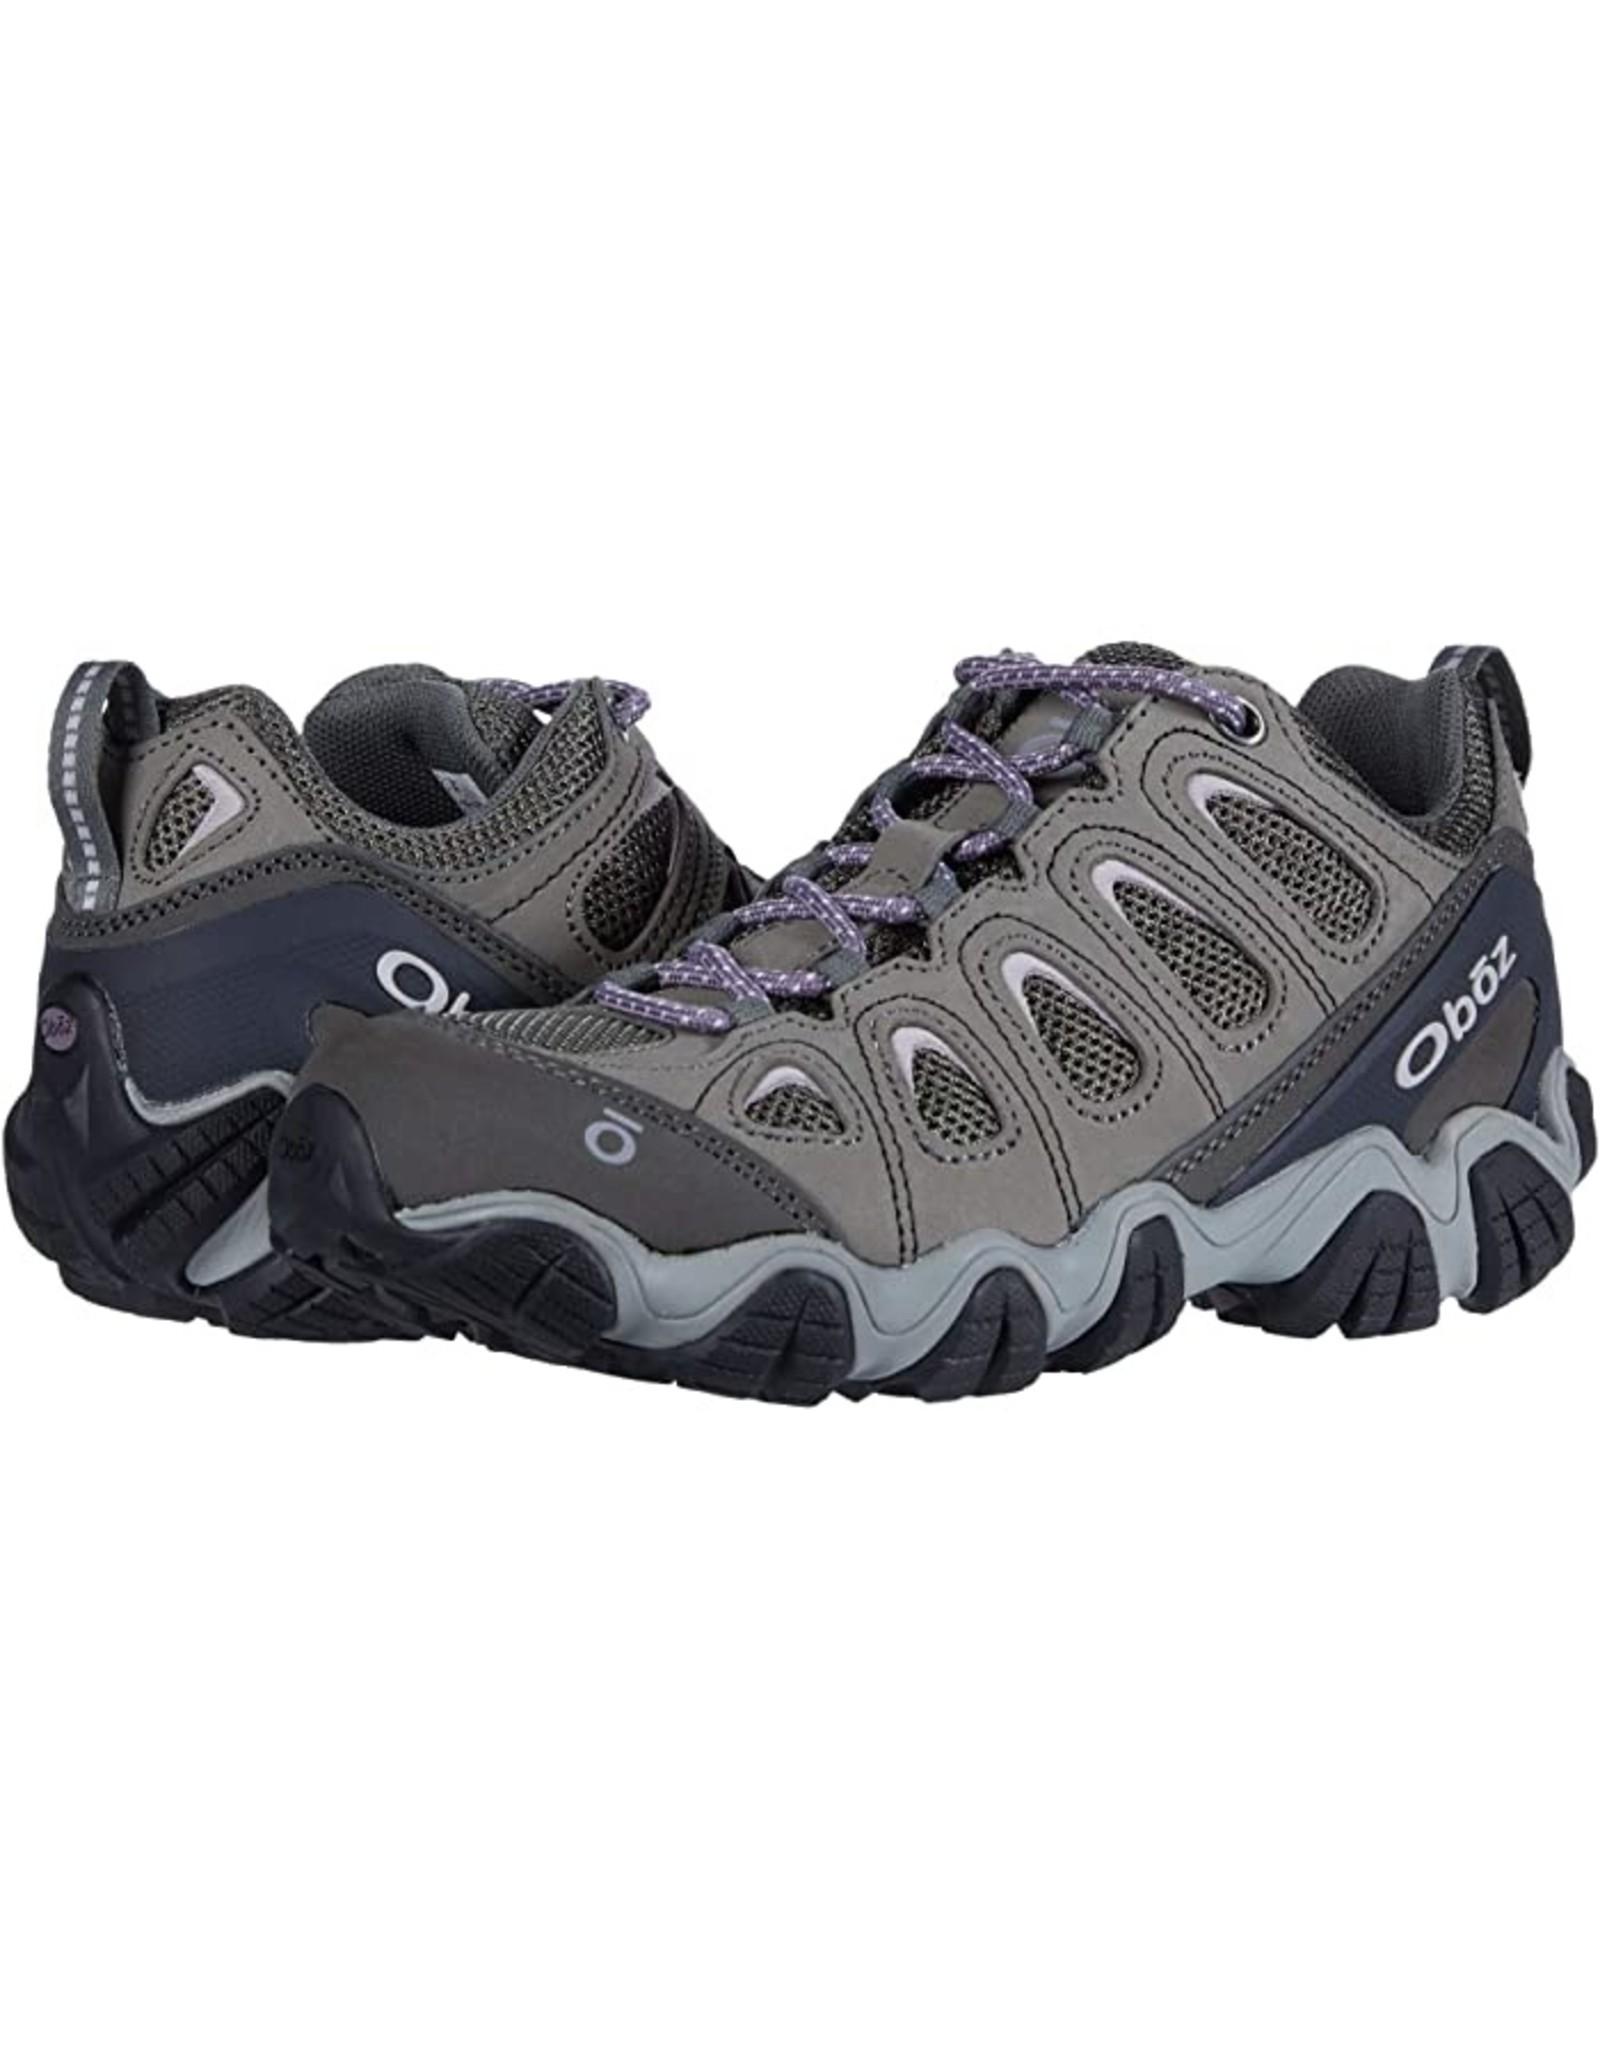 Oboz Oboz Sawtooth II Low B-Dry Hiking Shoe - Women's